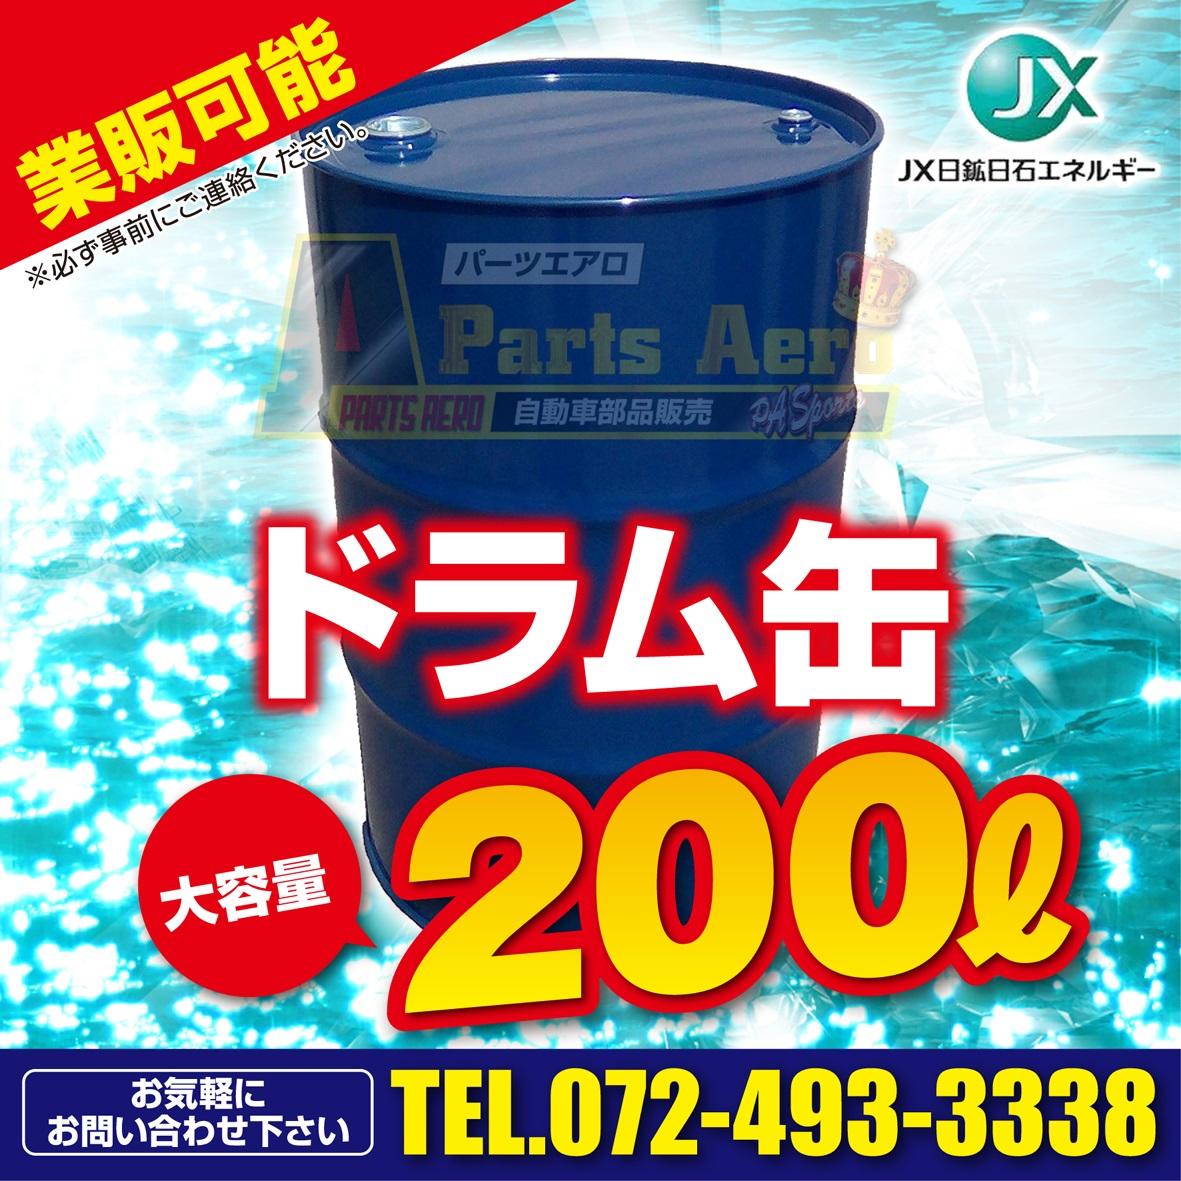 送料無料 JX日鉱日石エネルギー 油圧作動油 スーパーハイランド 32番 200L(業販可能)